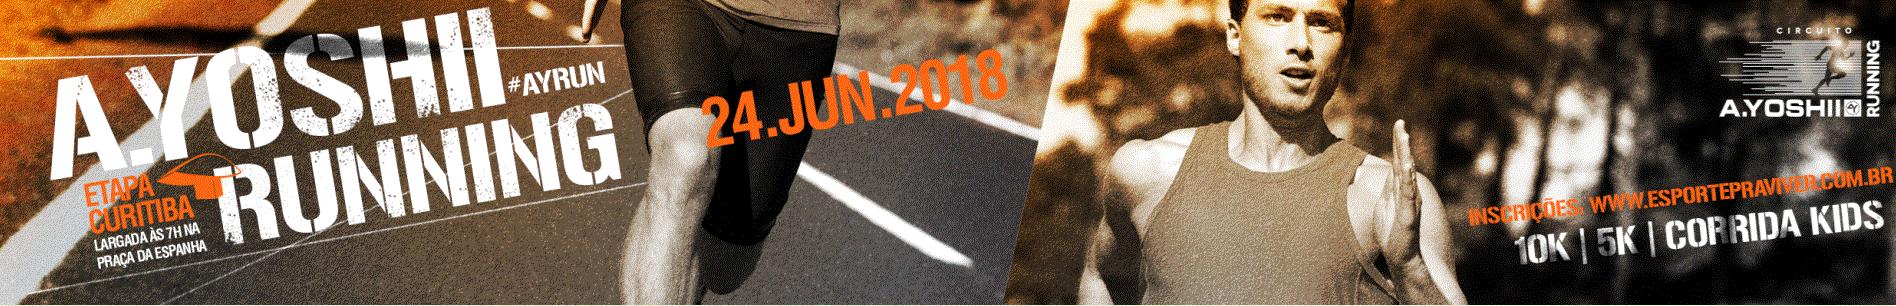 A.YOSHII RUNNING - ETAPA CURITIBA - PRAÇA ESPANHA - Imagem de topo